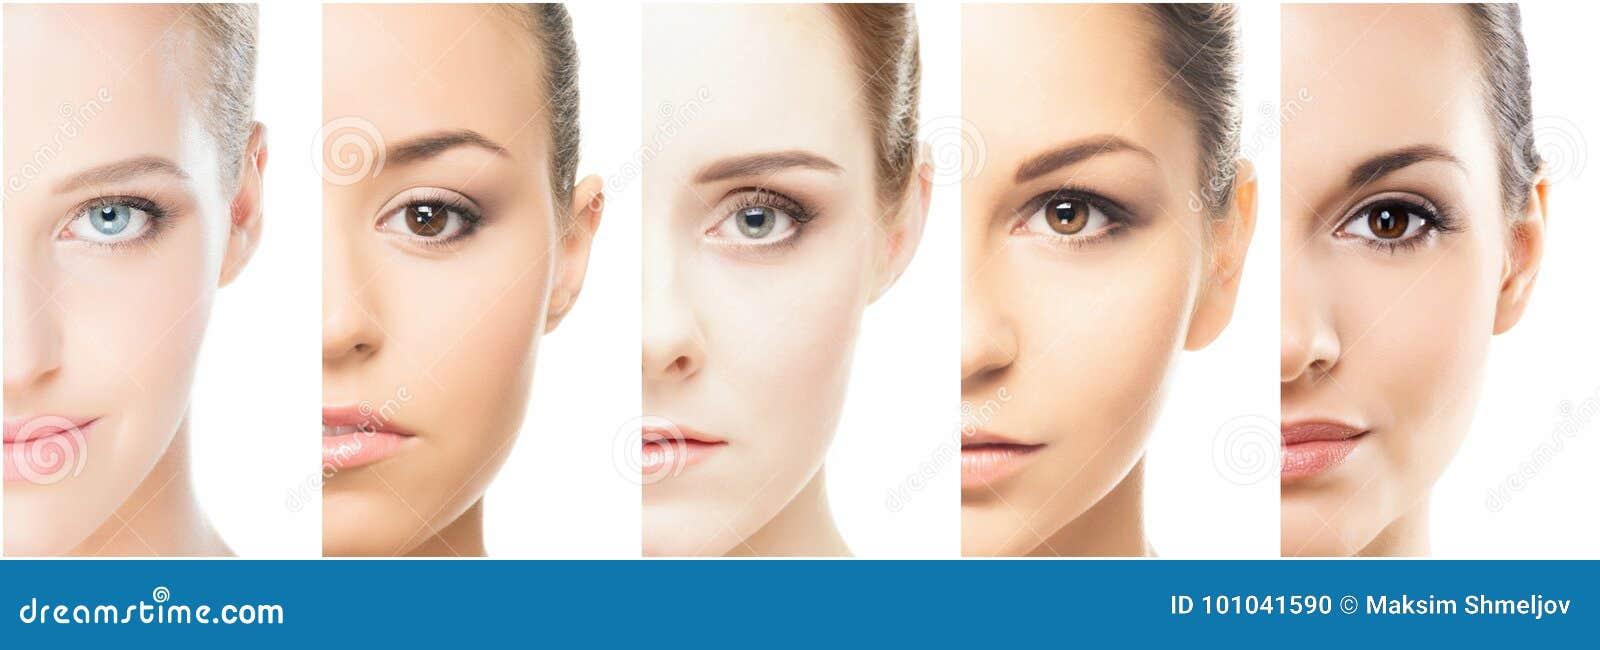 Collage de diversos retratos de mujeres jovenes en maquillaje